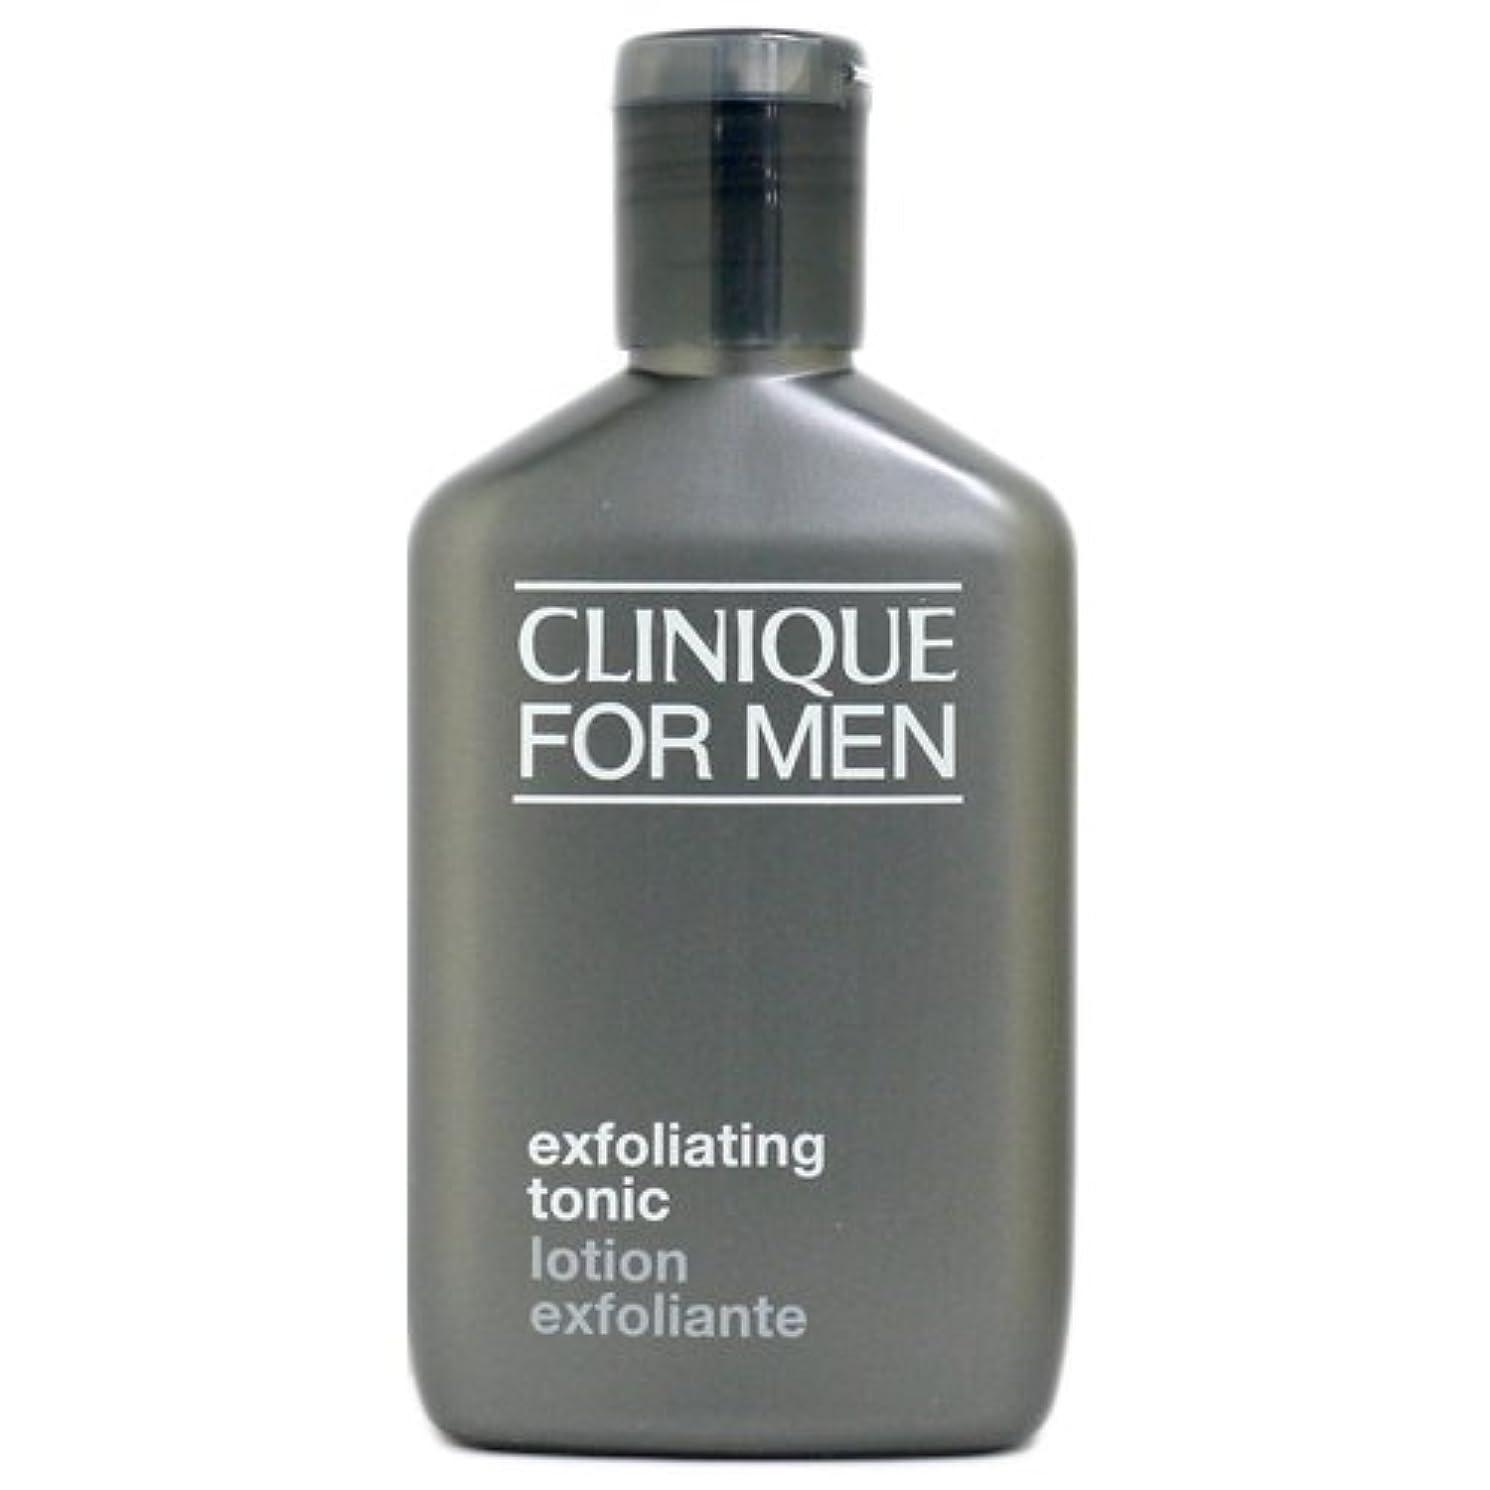 プロフィール無効にするブランドクリニークフォーメン(CLINIQUE FOR MEN) エクスフォリエーティング トニック 200ml[並行輸入品]